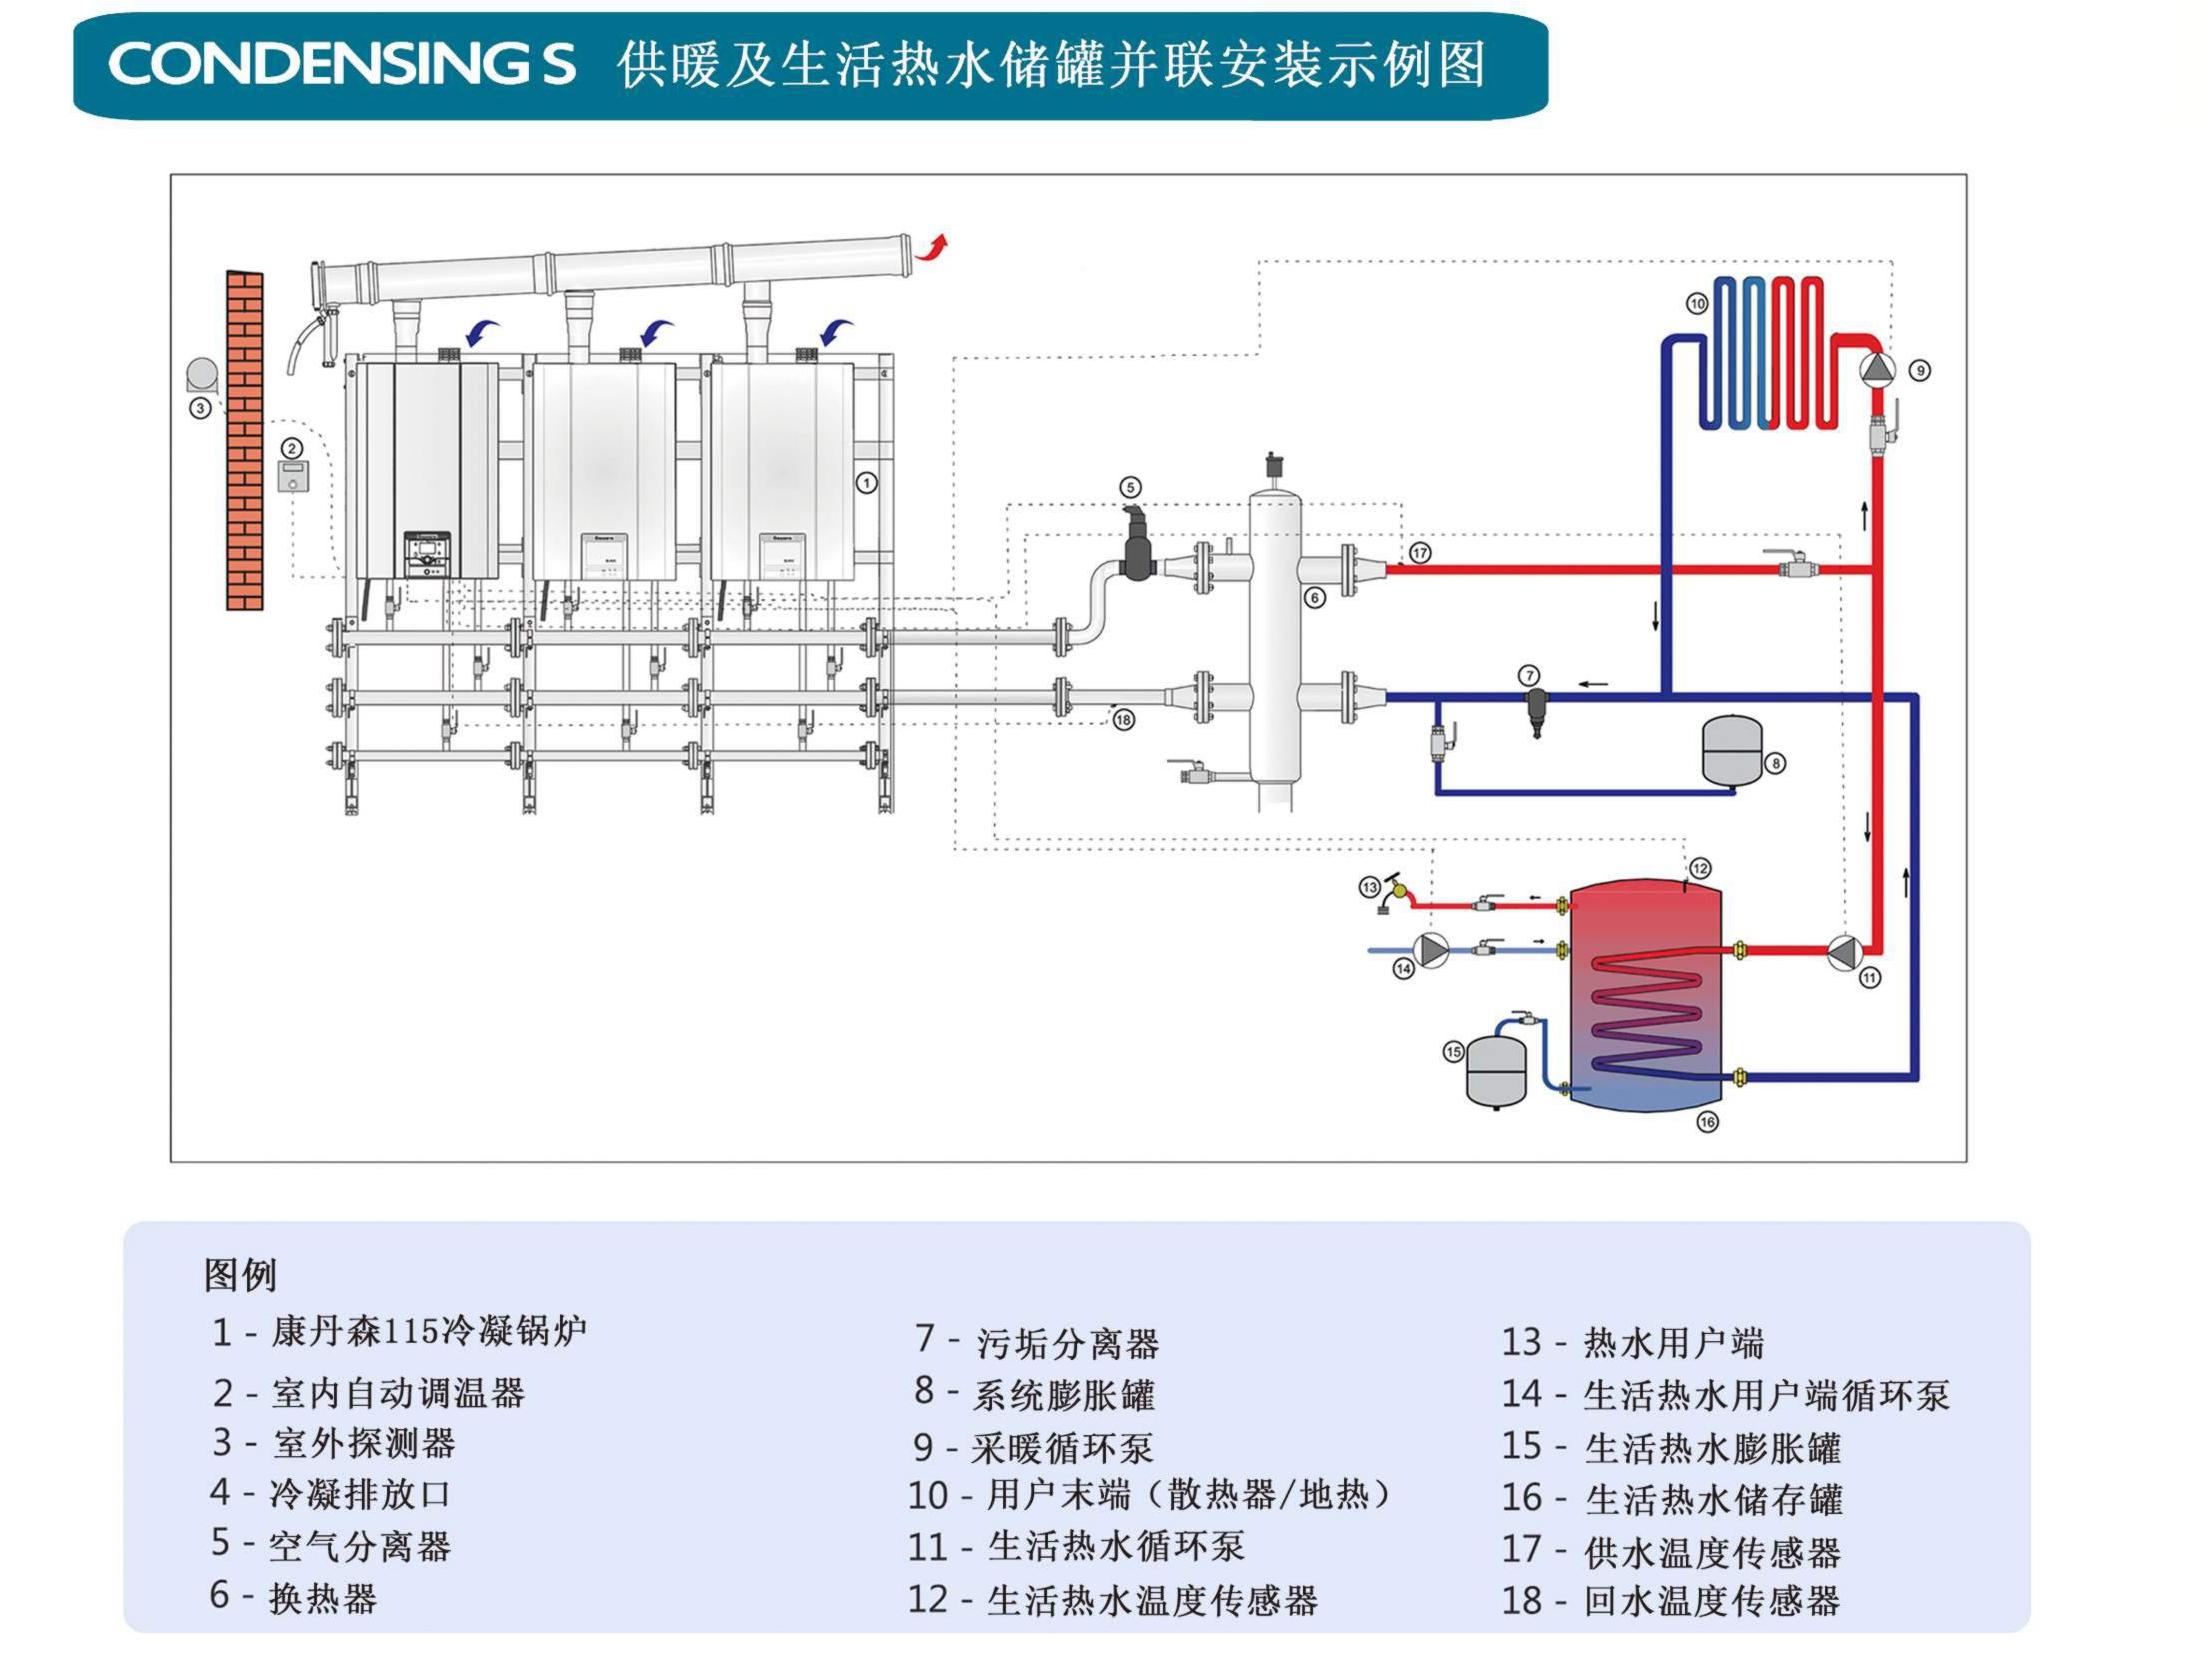 康丹森高效全预混冷凝锅炉供暖及生活热水储罐并联安装示例图